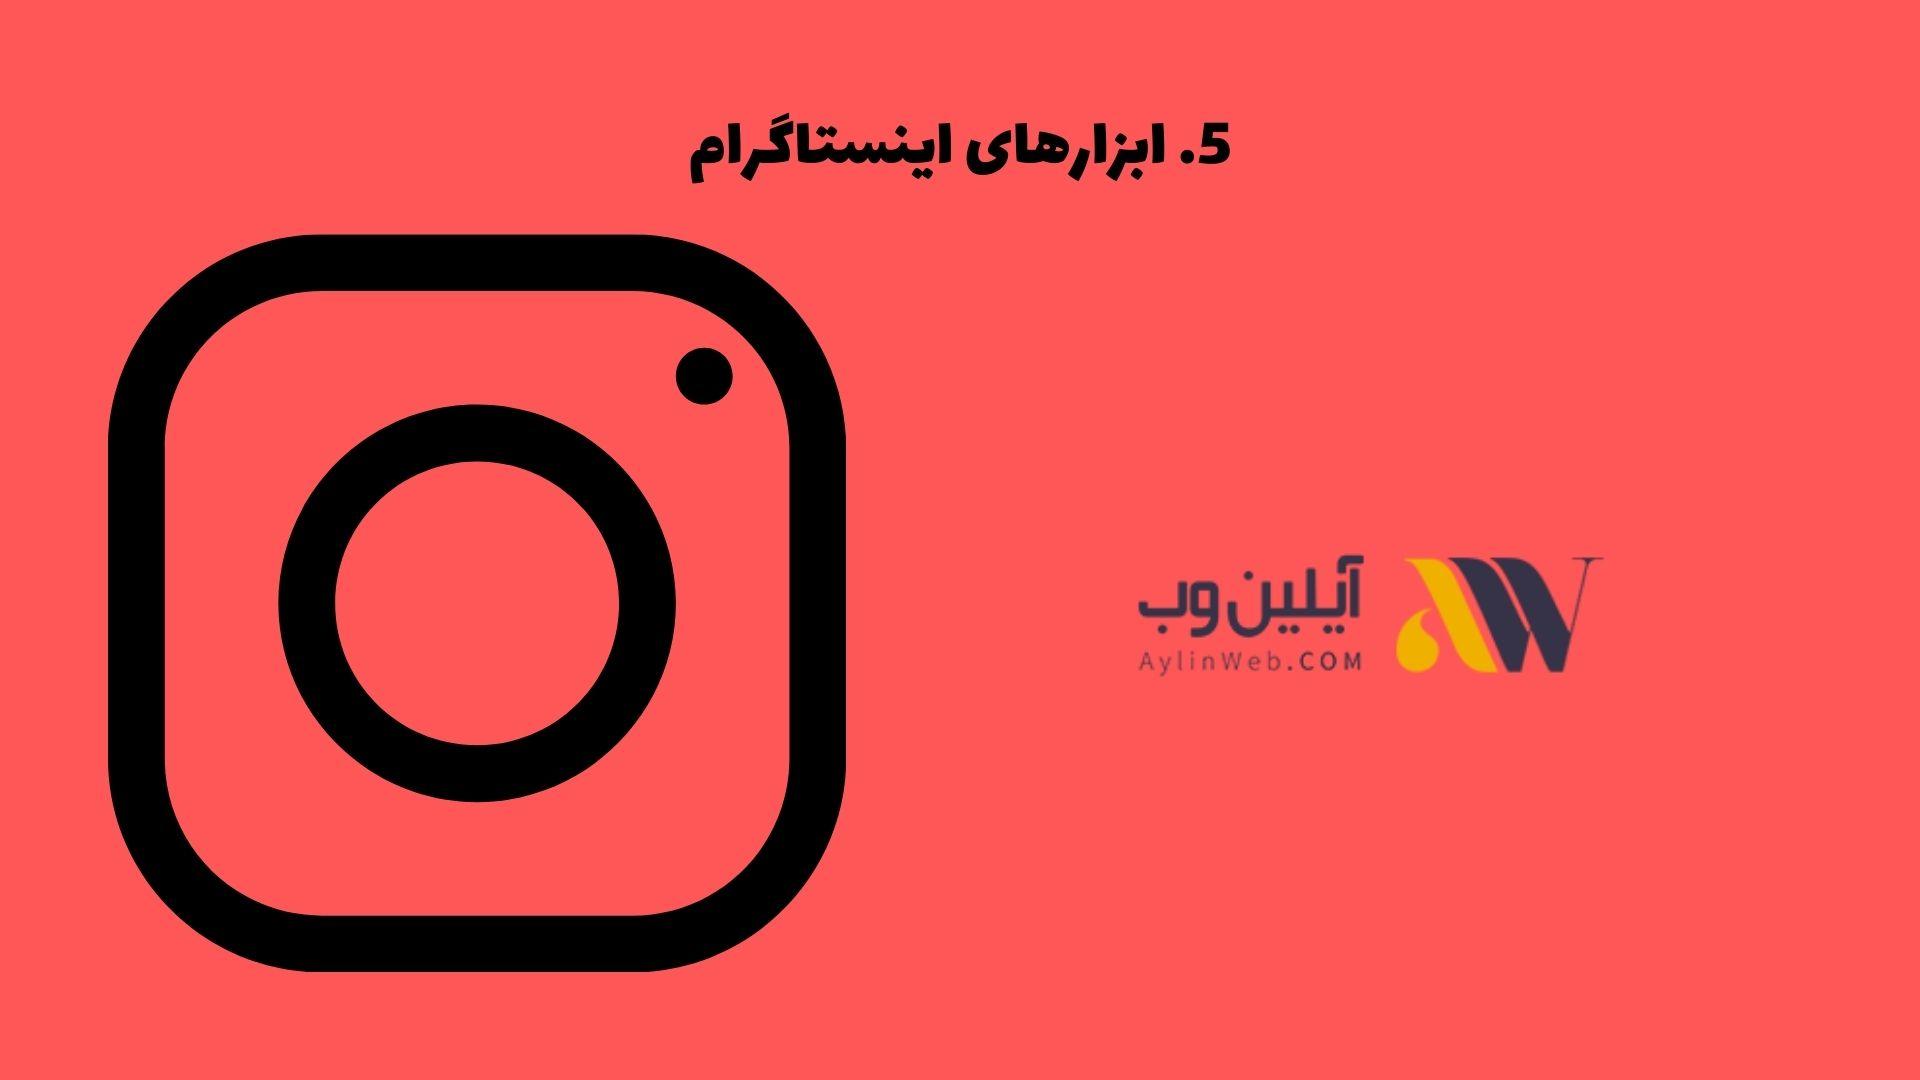 ابزارهای اینستاگرام